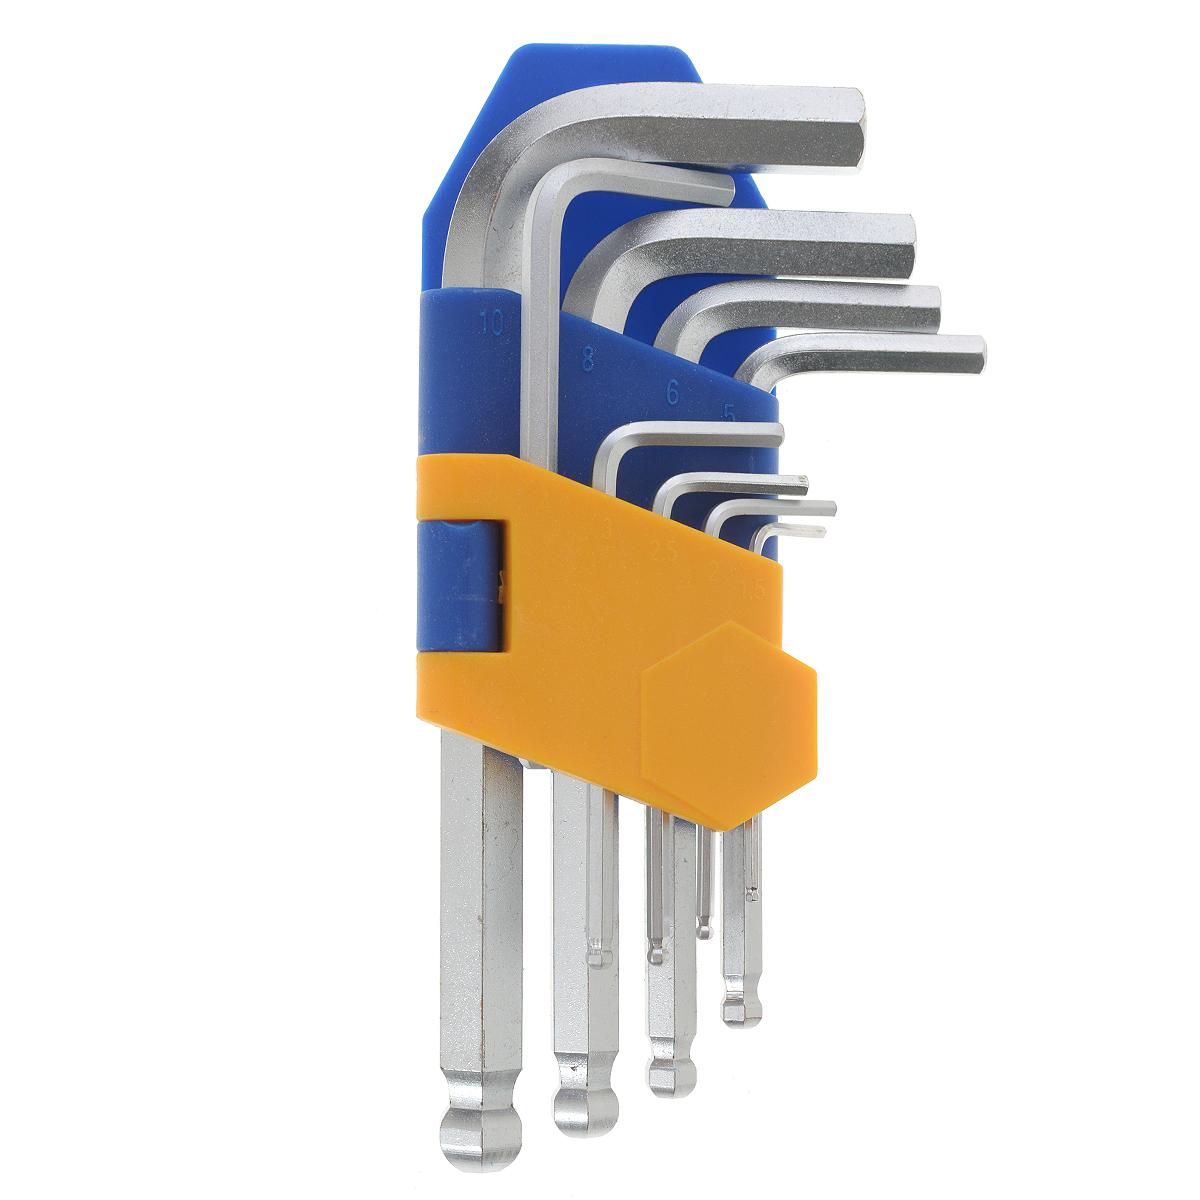 Набор ключей шестигранных Kraft Professional, коротких, с шаром, 1,5 мм - 10 мм, 9 штКТ700564Набор шестигранных коротких ключей Kraft Professional предназначен для работы с крепежными элементами, имеющими внутренний шестигранник. Каждый ключ изготовлен из хромованадиевой стали и оснащен шаровым наконечником, который позволяет работать в труднодоступных местах под углом до 25 градусов. В набор входят ключи: 1,5 мм, 2 мм, 2,5 мм, 3 мм, 4 мм, 5 мм, 6 мм, 8 мм, 10 мм.